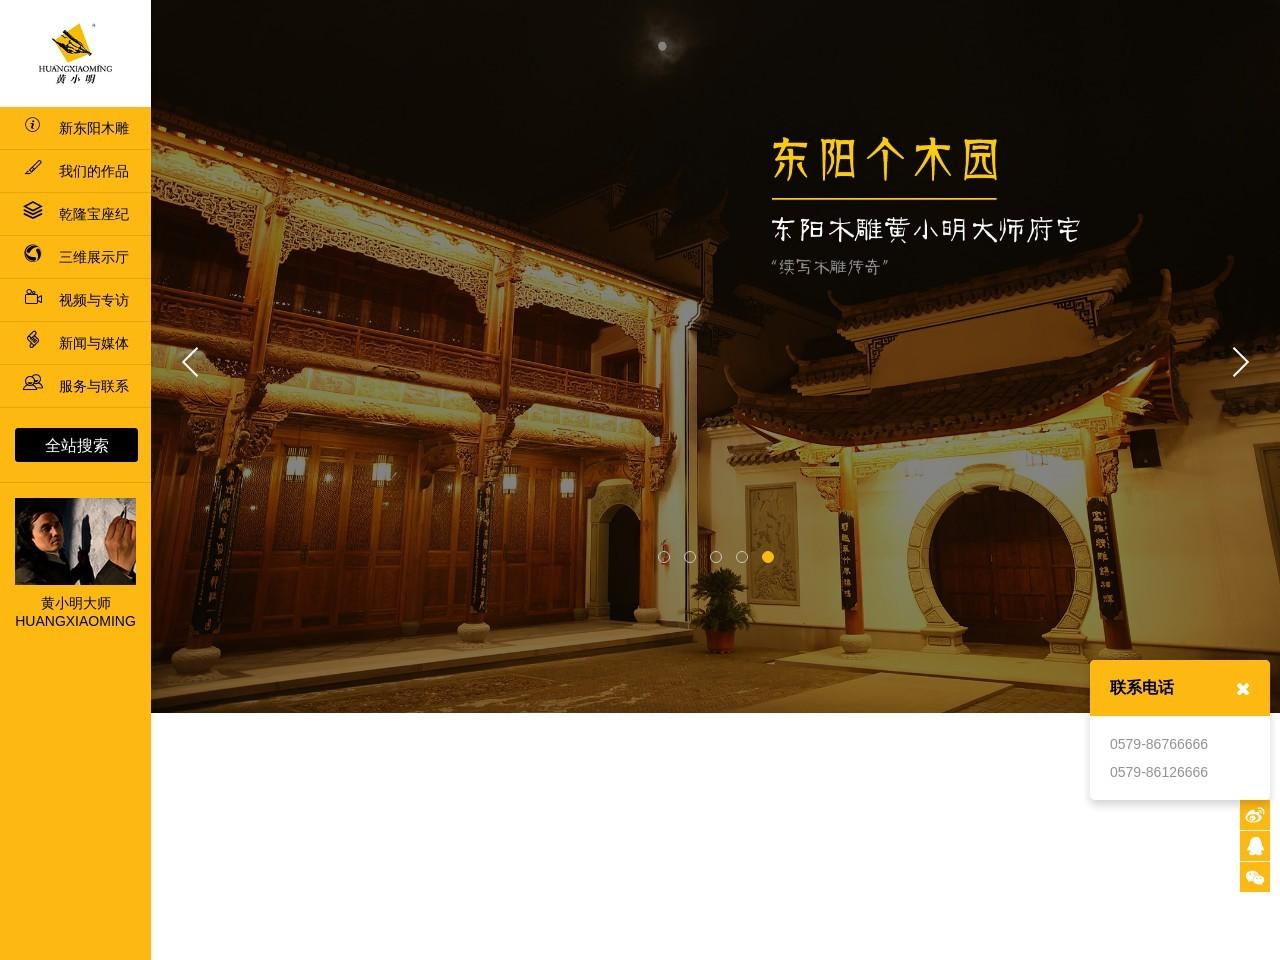 新东阳木雕-浙江新东阳木雕有限公司